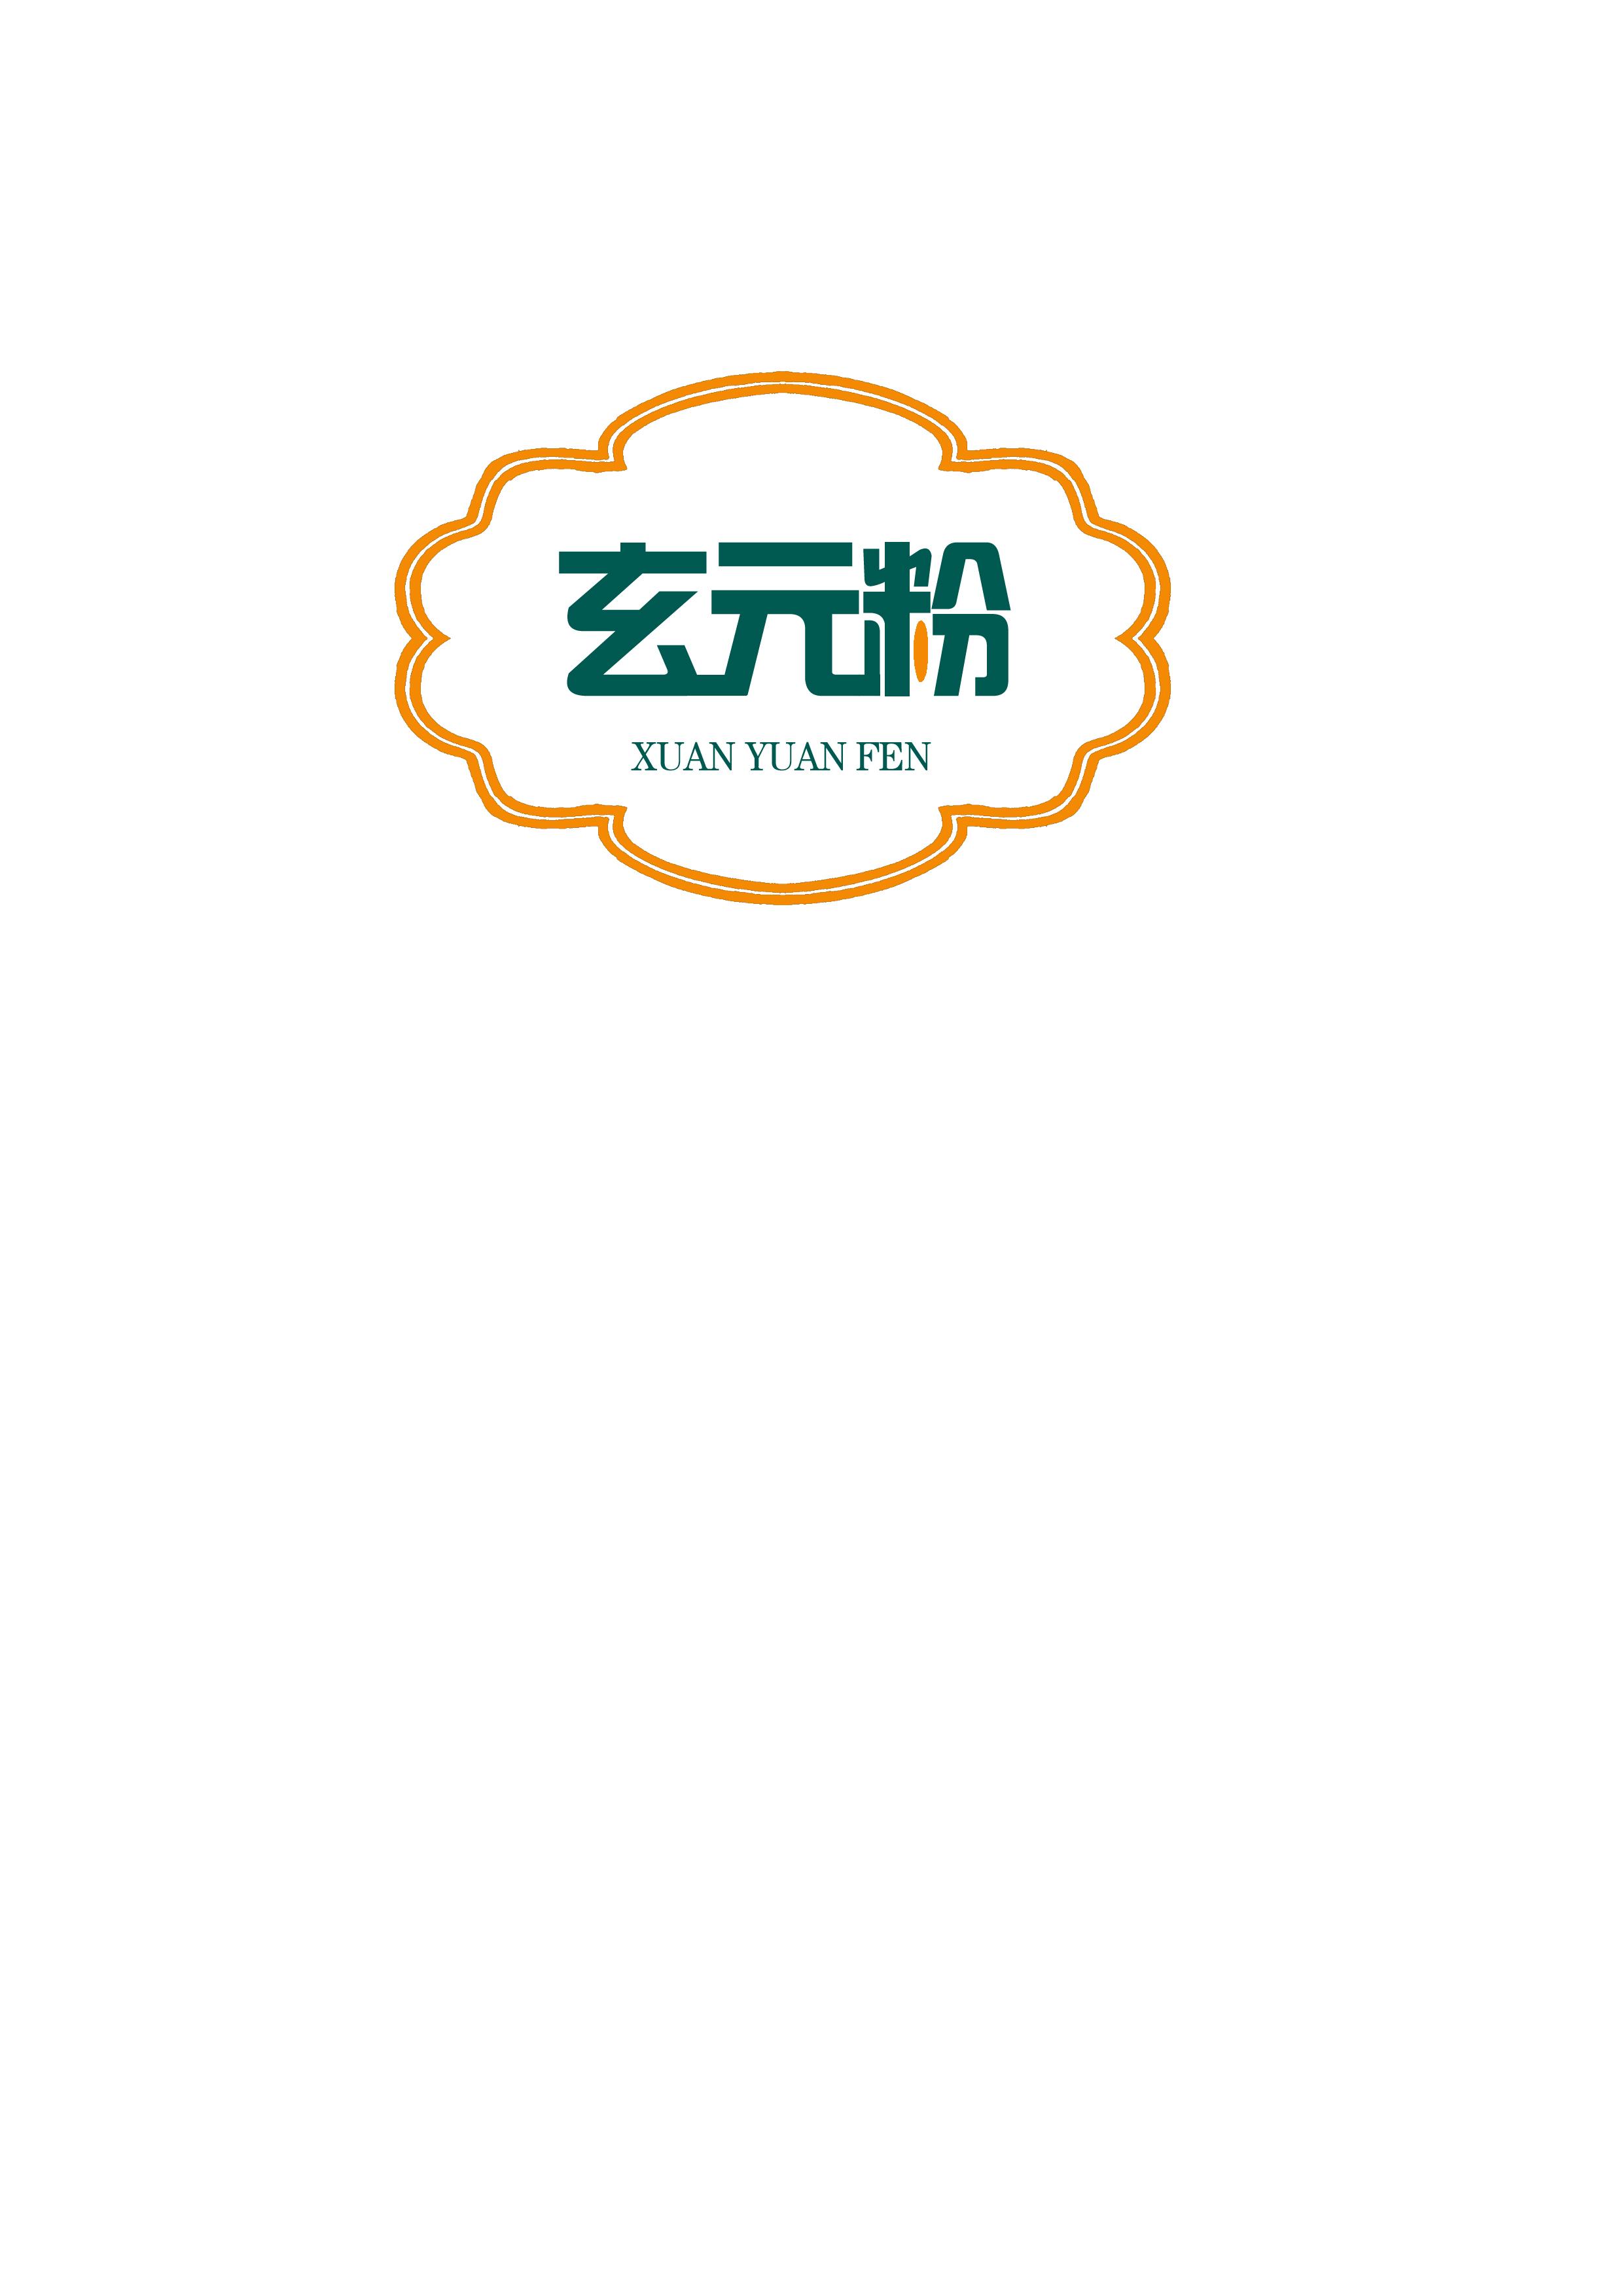 食品logo设计【能力等级从低到高】